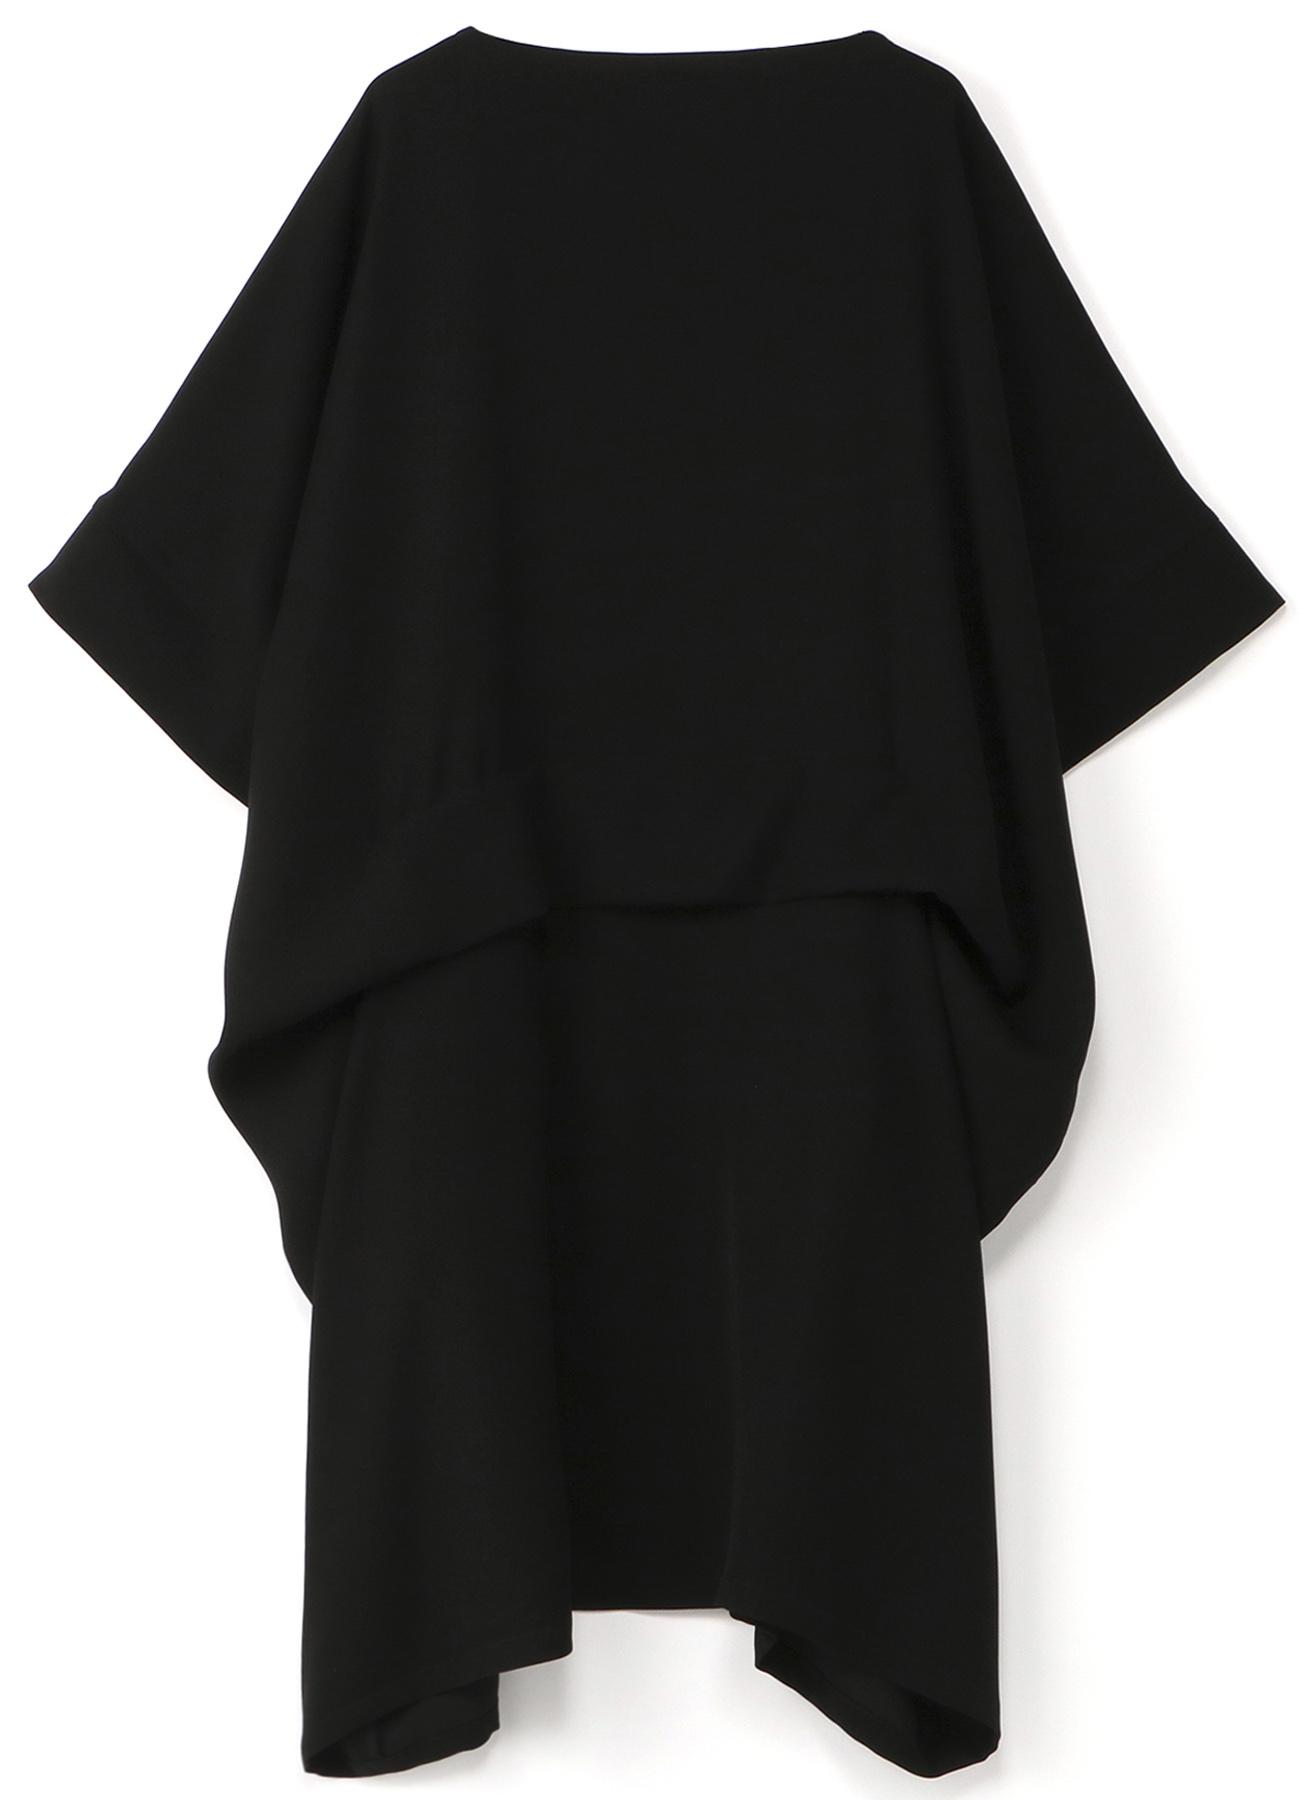 口袋连衣裙